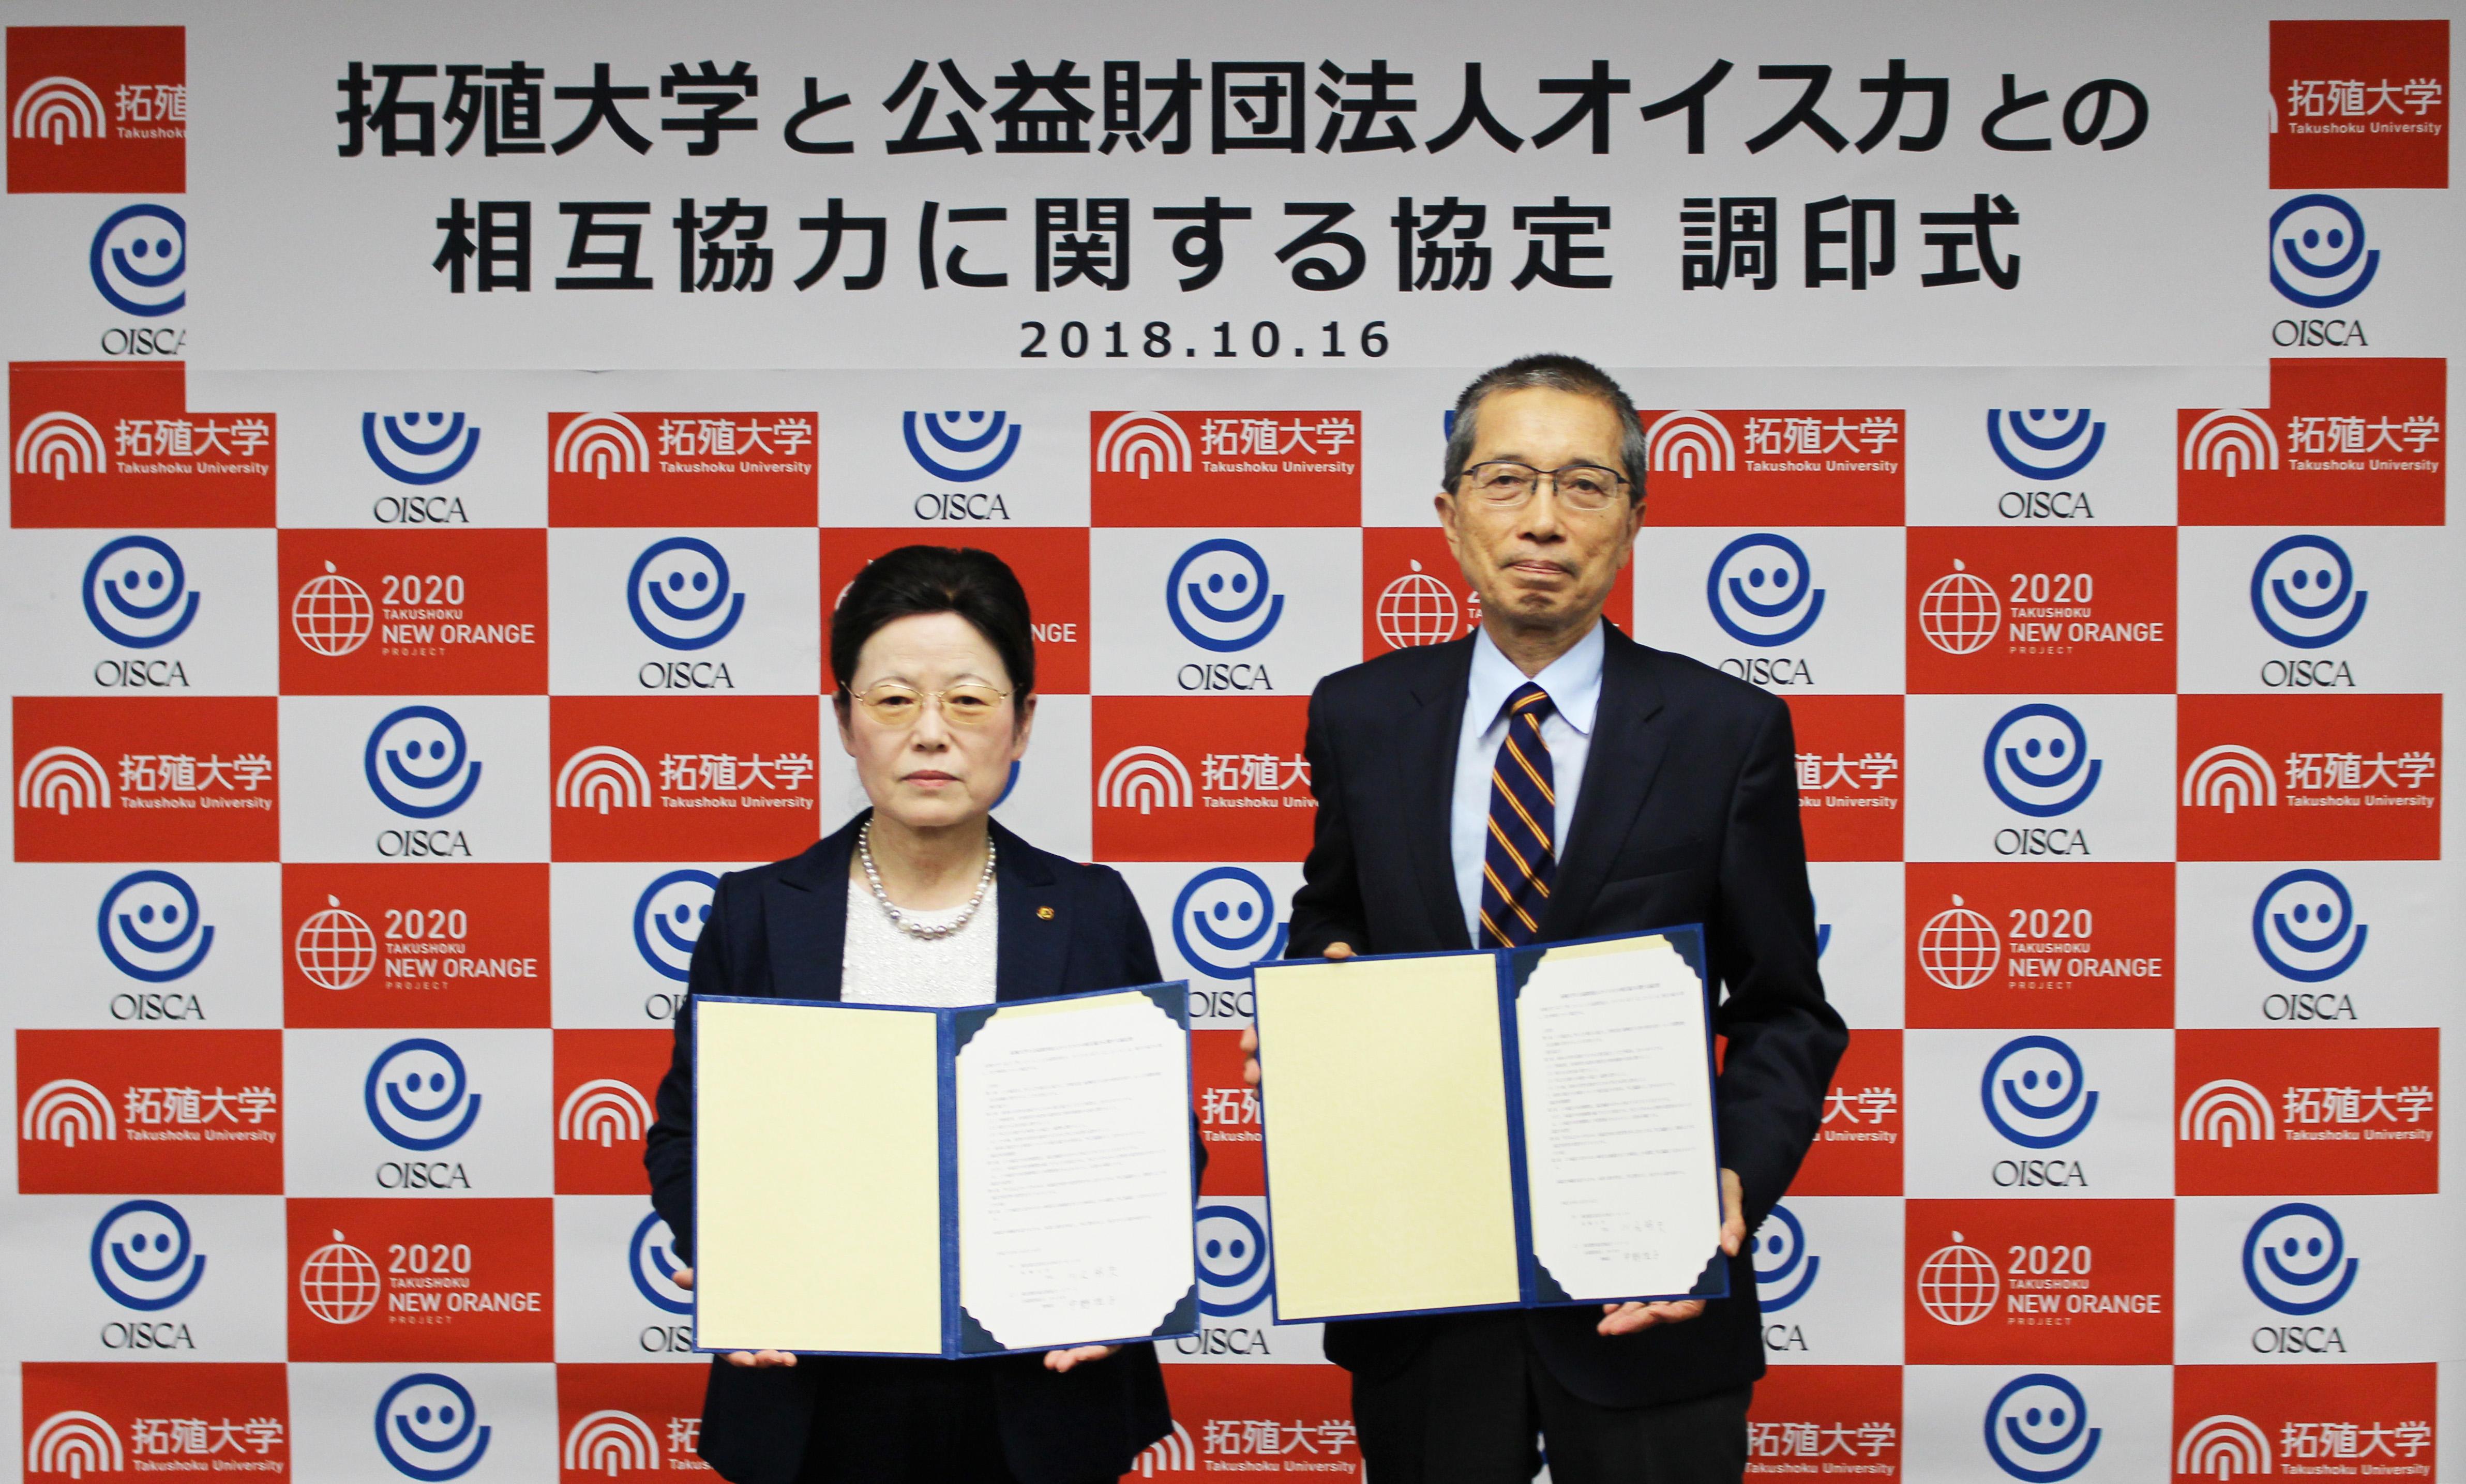 拓殖大学と公益財団法人オイスカとの相互協力に関する協定を締結